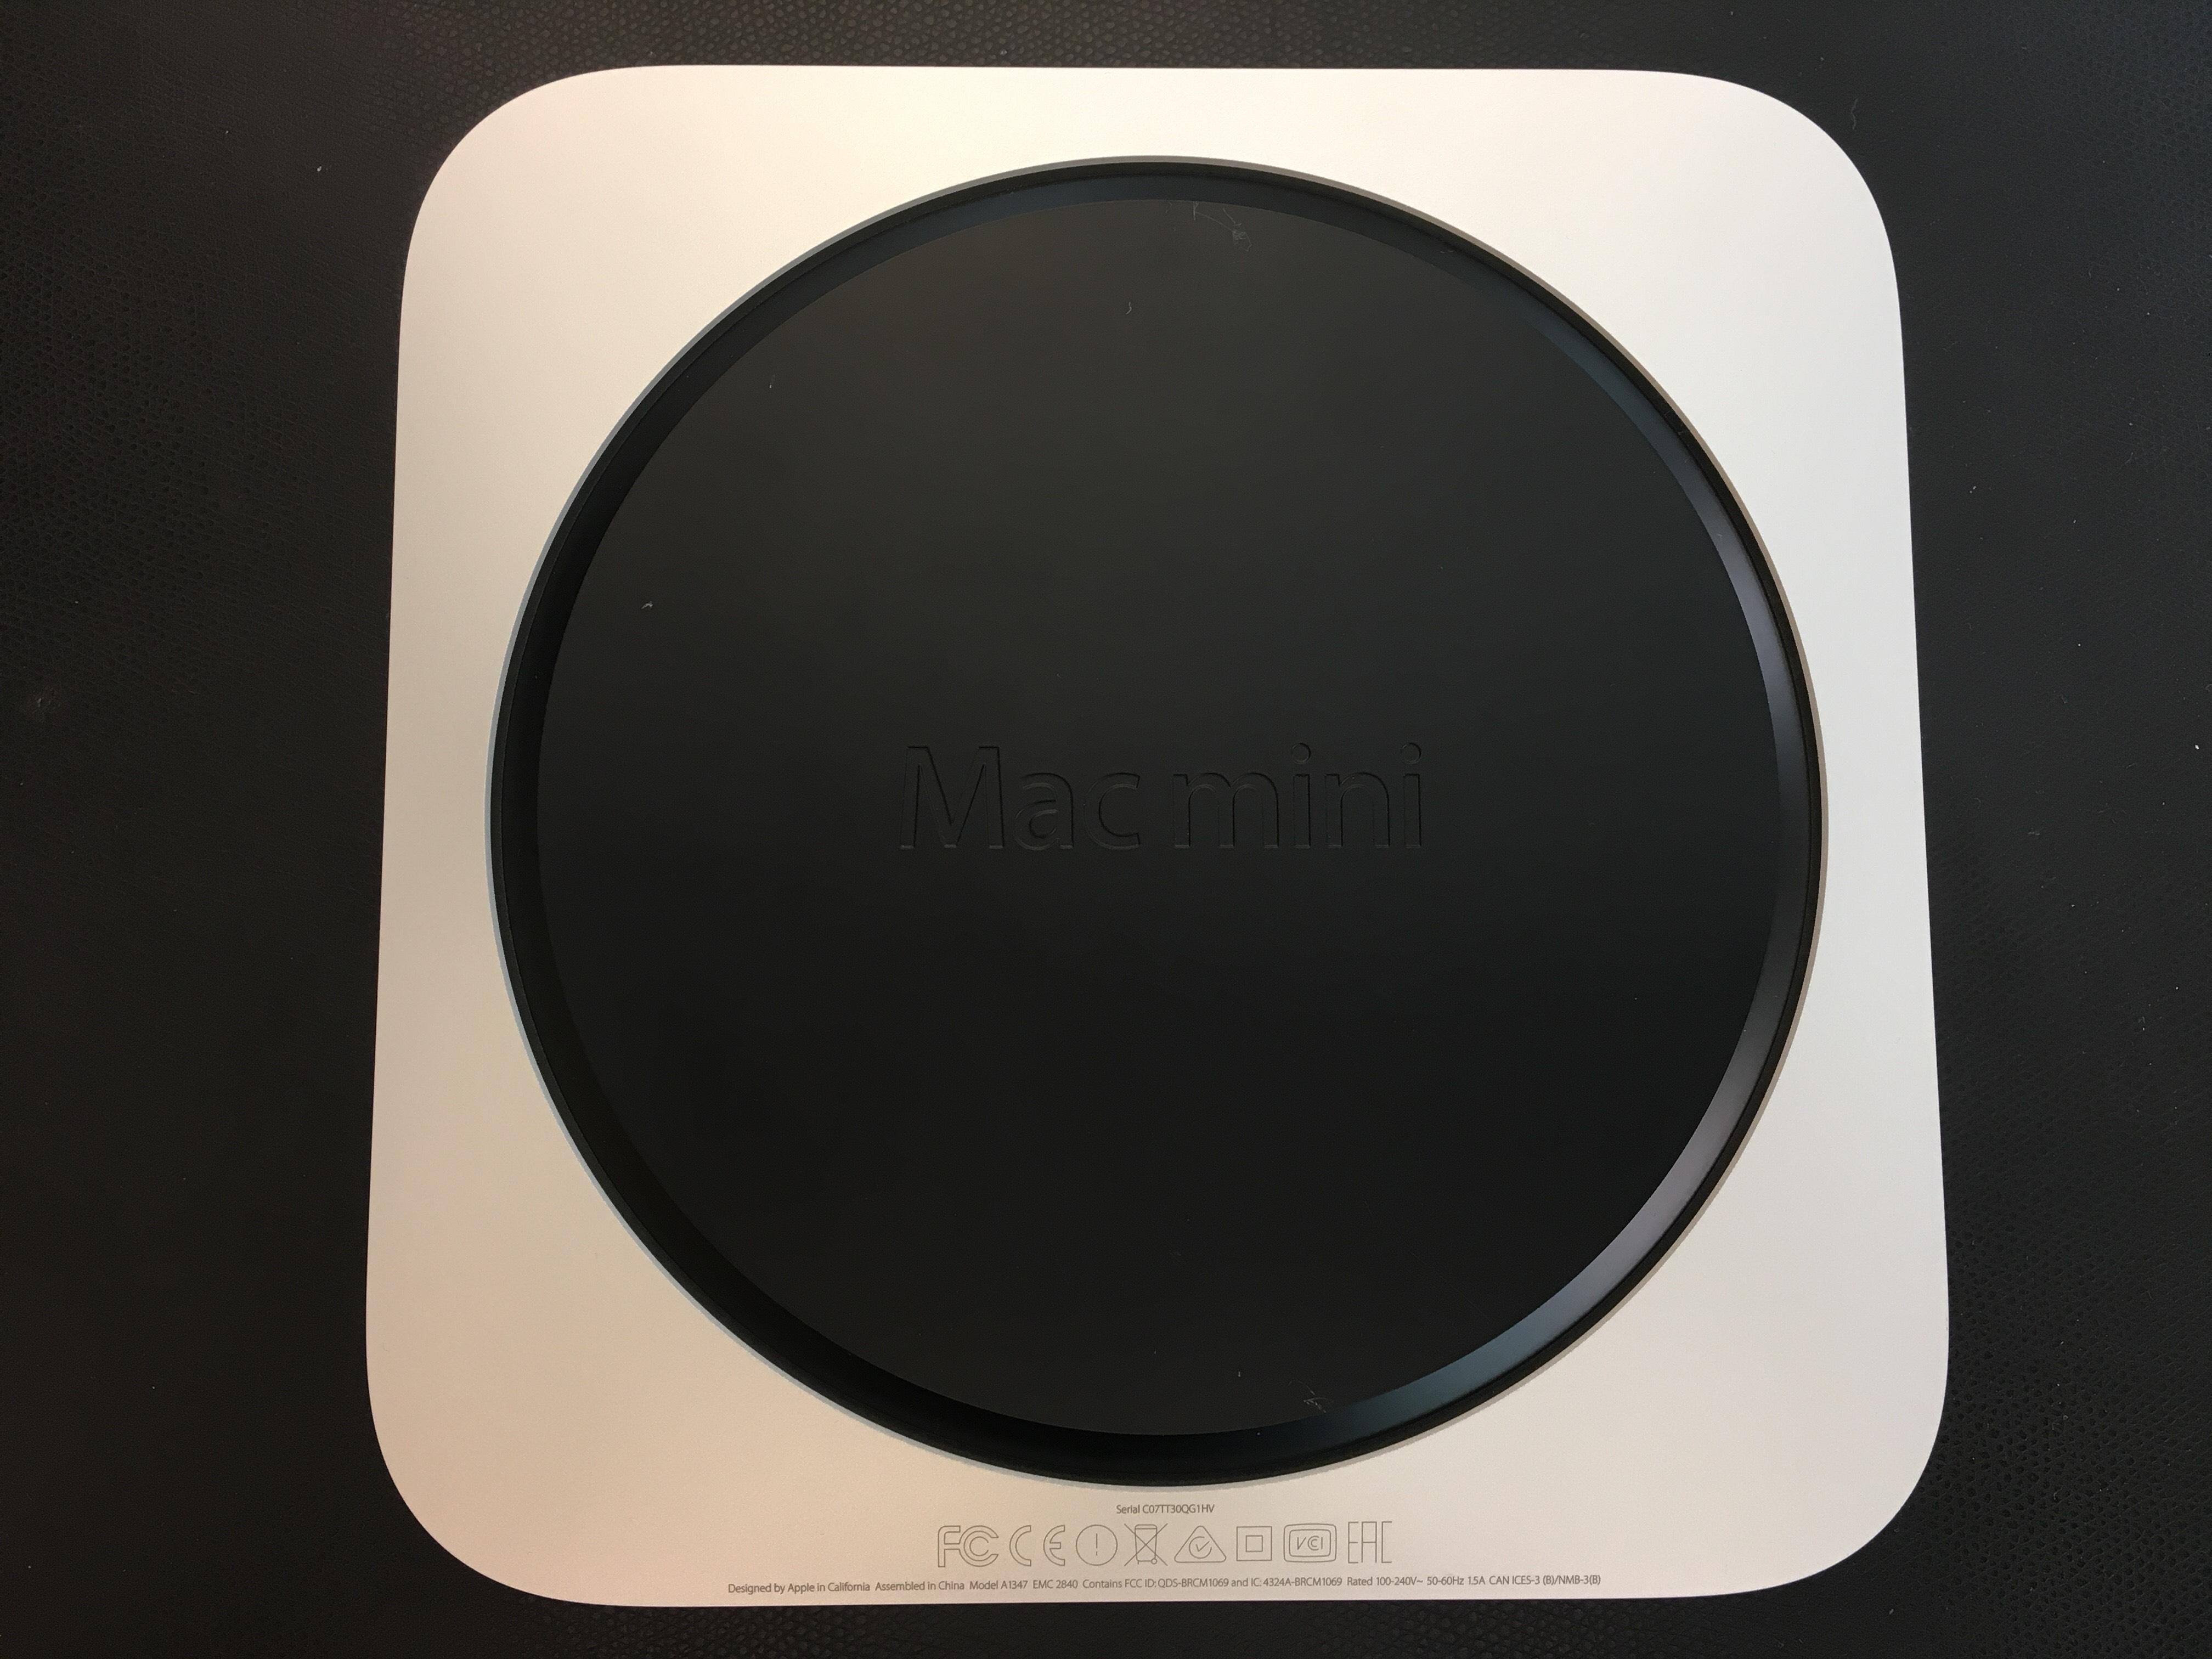 Mac Mini Late 2014 (Intel Core i5 1.4 GHz 4 GB RAM 500 GB HDD), Intel Core i5 1.4 GHz (Haswell), 4 GB PC3-12800 (1600 MHz) LPDDR3, 500 GB, bild 4